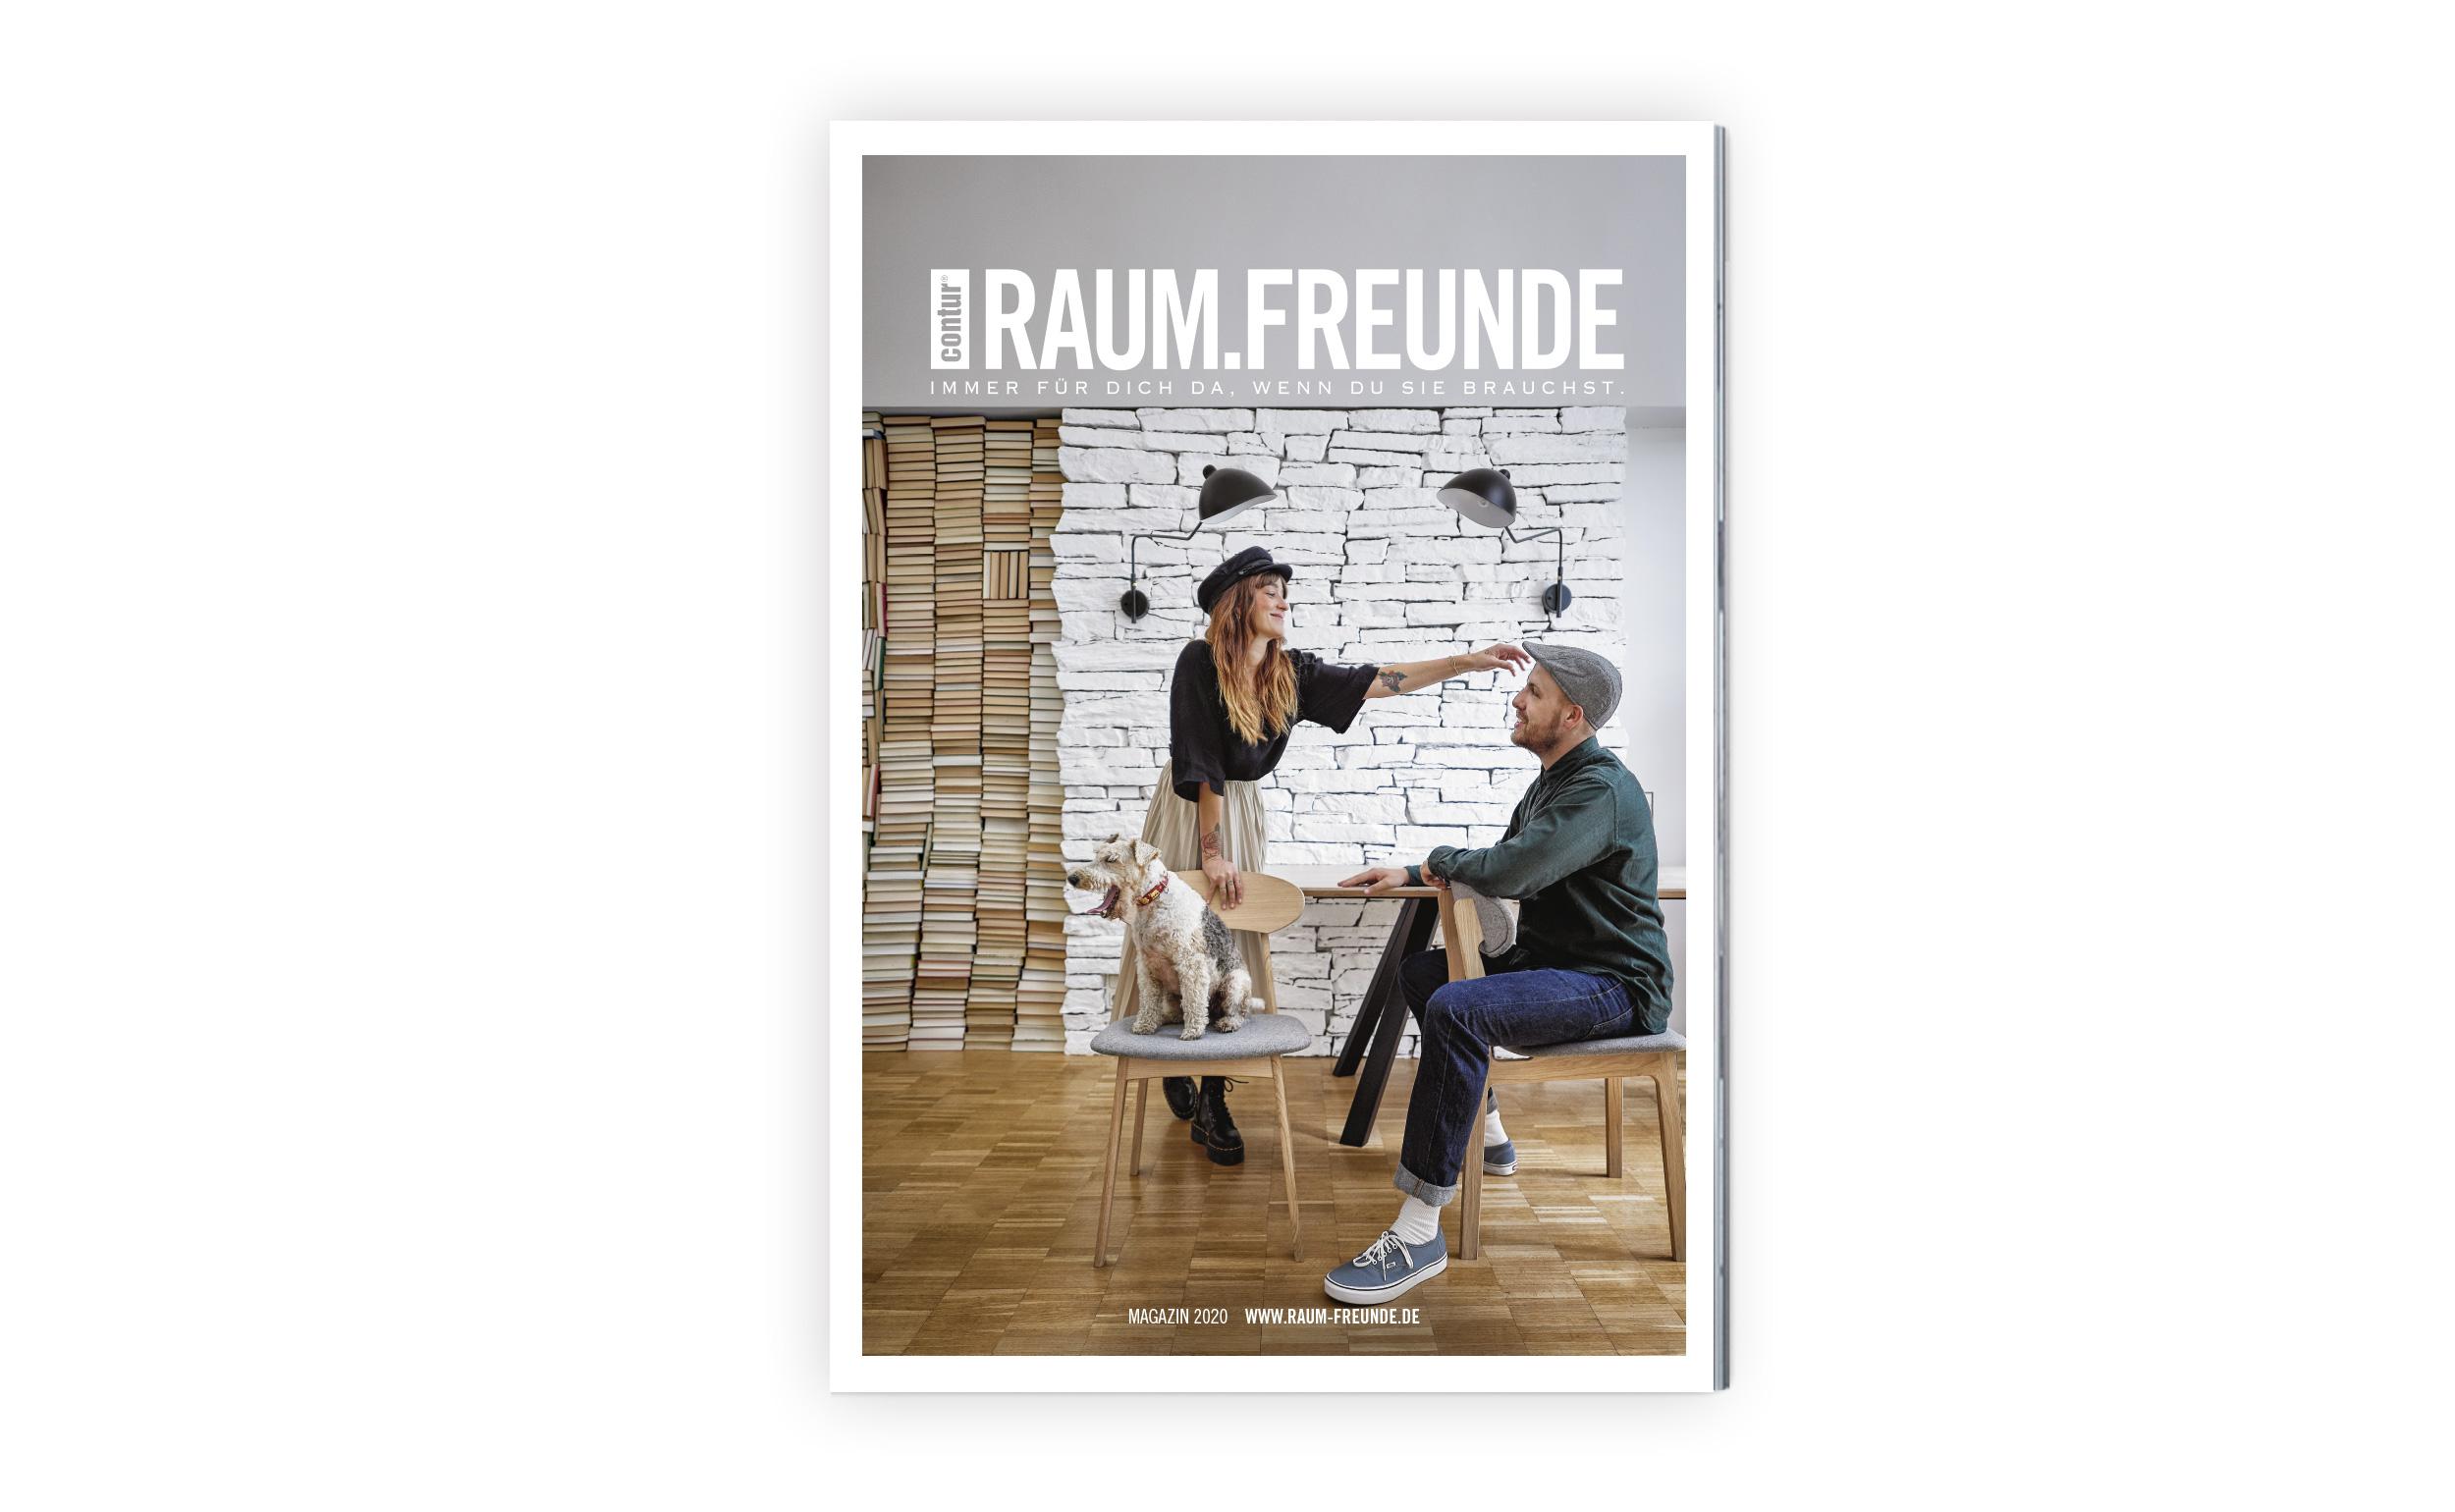 Raumfreunde_01 (1)